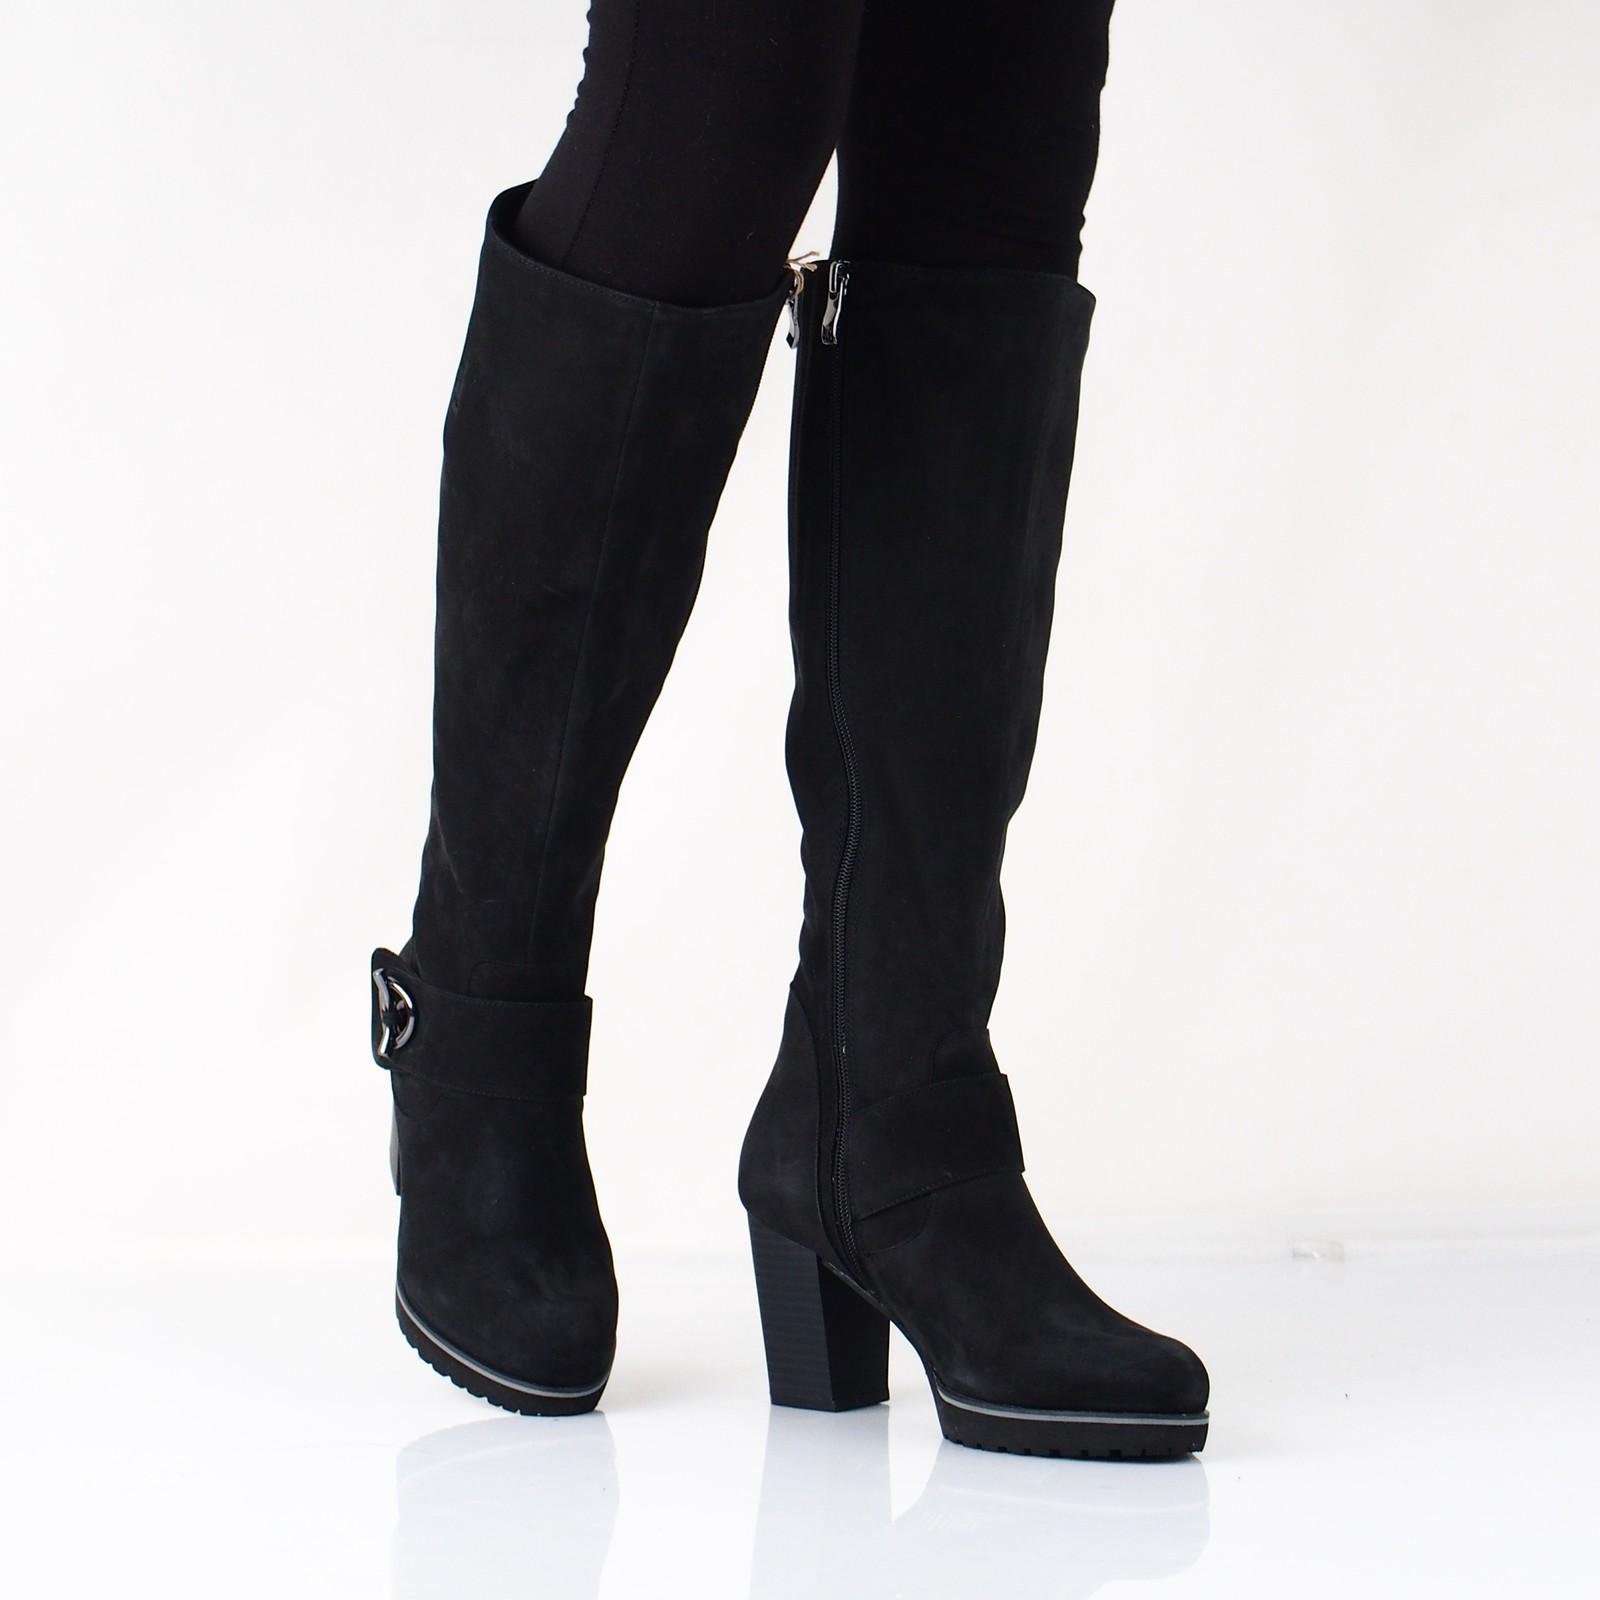 d92e138986 Caprice dámske nubukové vysoké čižmy - čierne ...